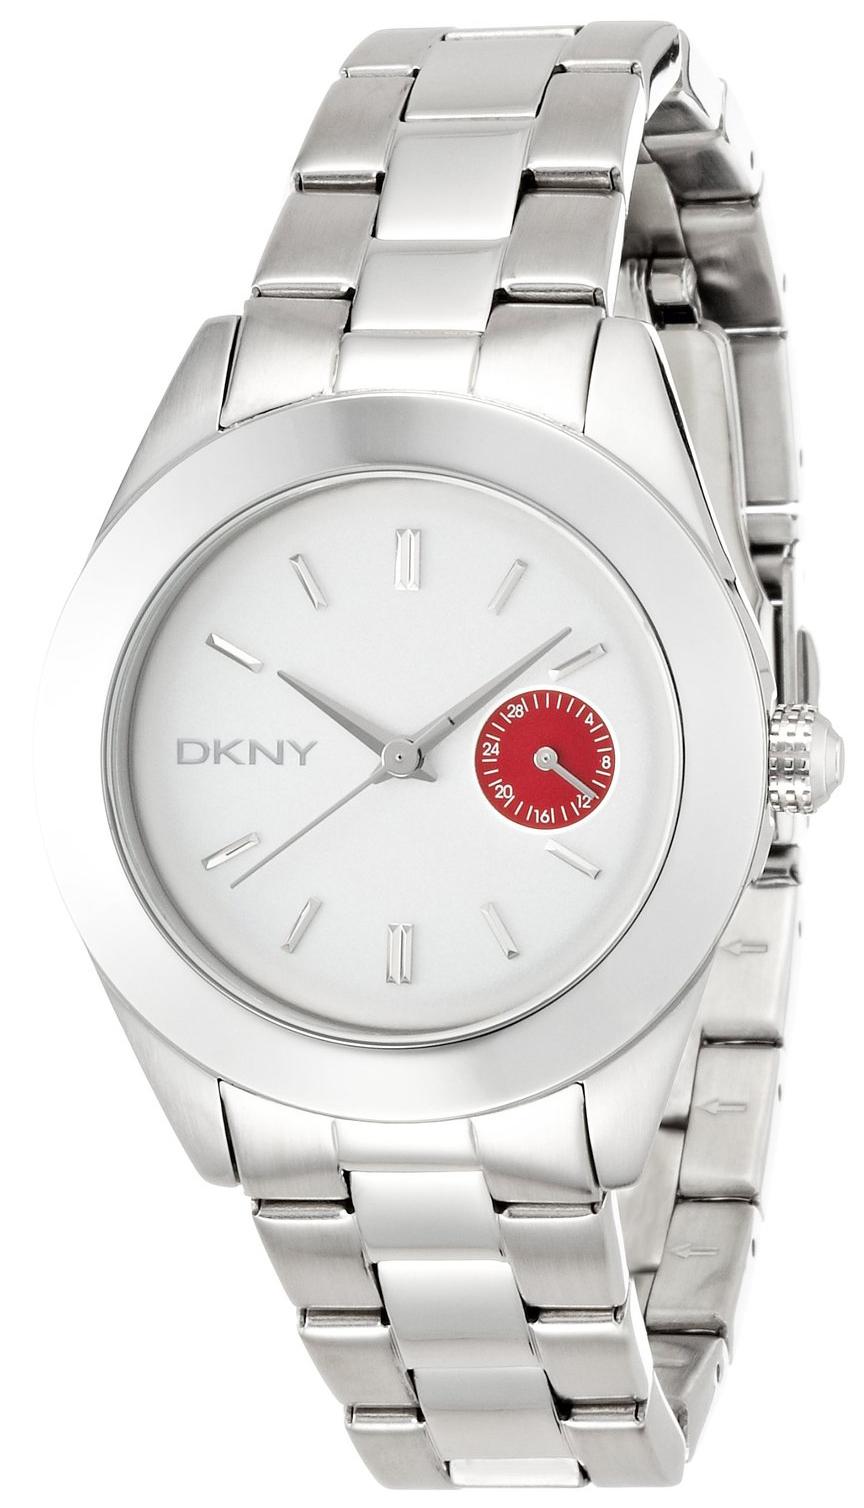 DKNY 99999 Dameklokke NY2131 Hvit/Stål Ø36 mm - DKNY